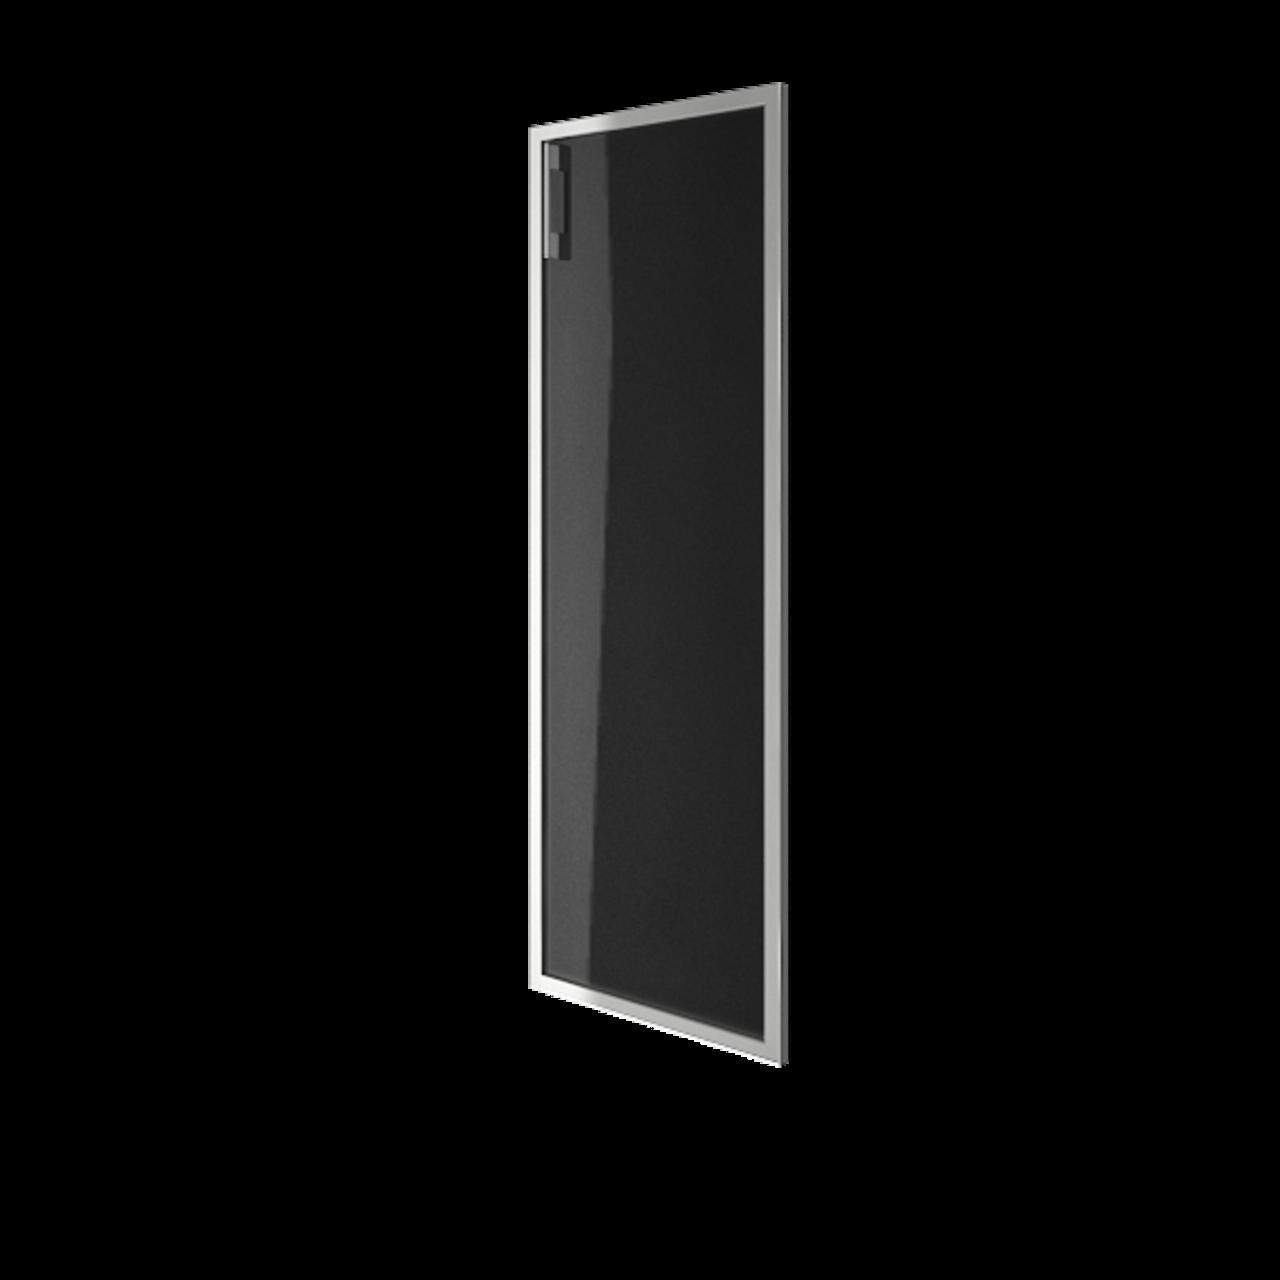 Дверь стекло в раме среднее Lacobel black правая - фото 4